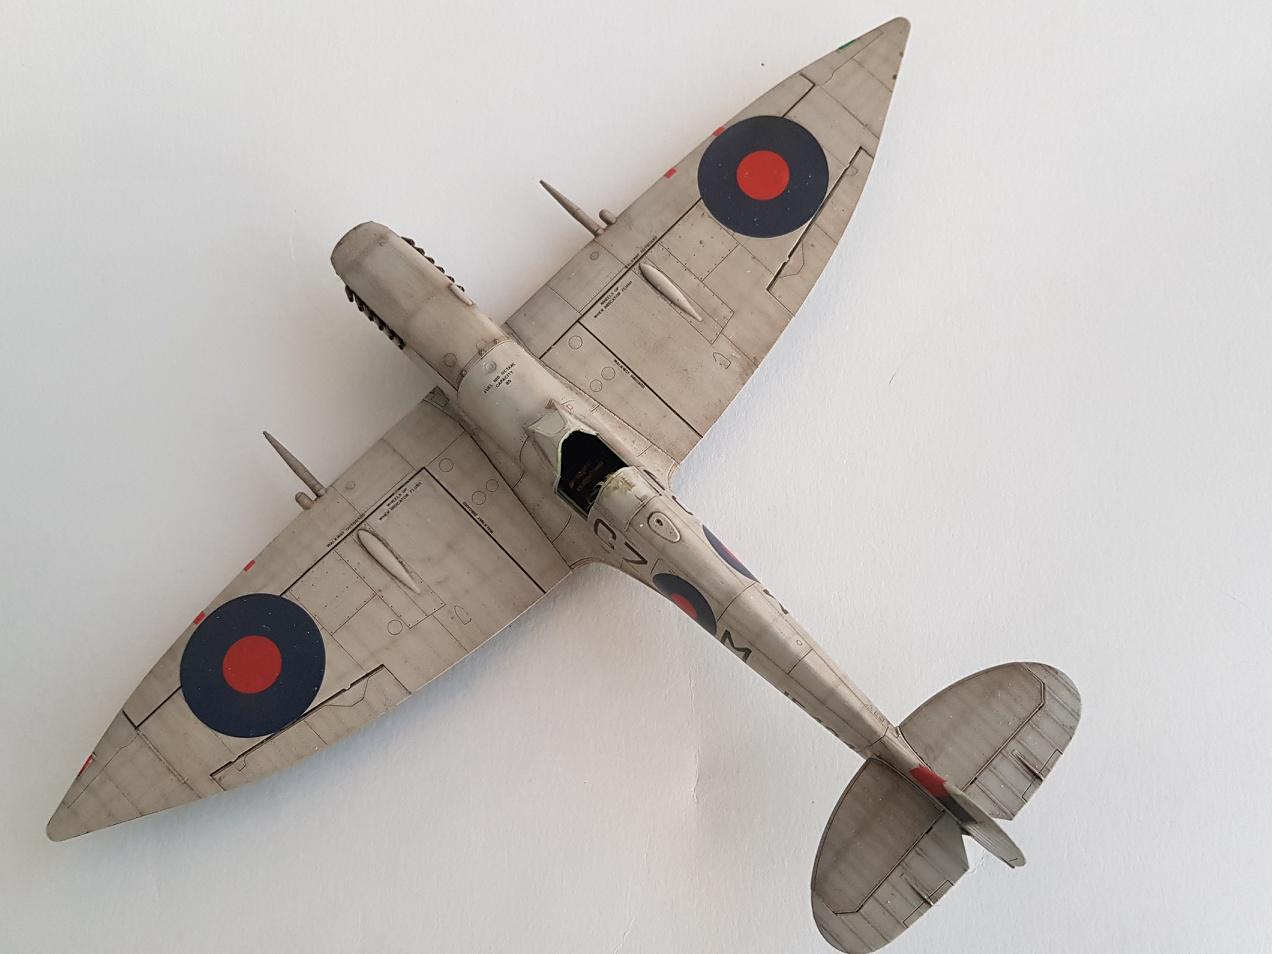 Spitfire Mk.VIII HF Eduard 1/48 - Page 2 2019-040